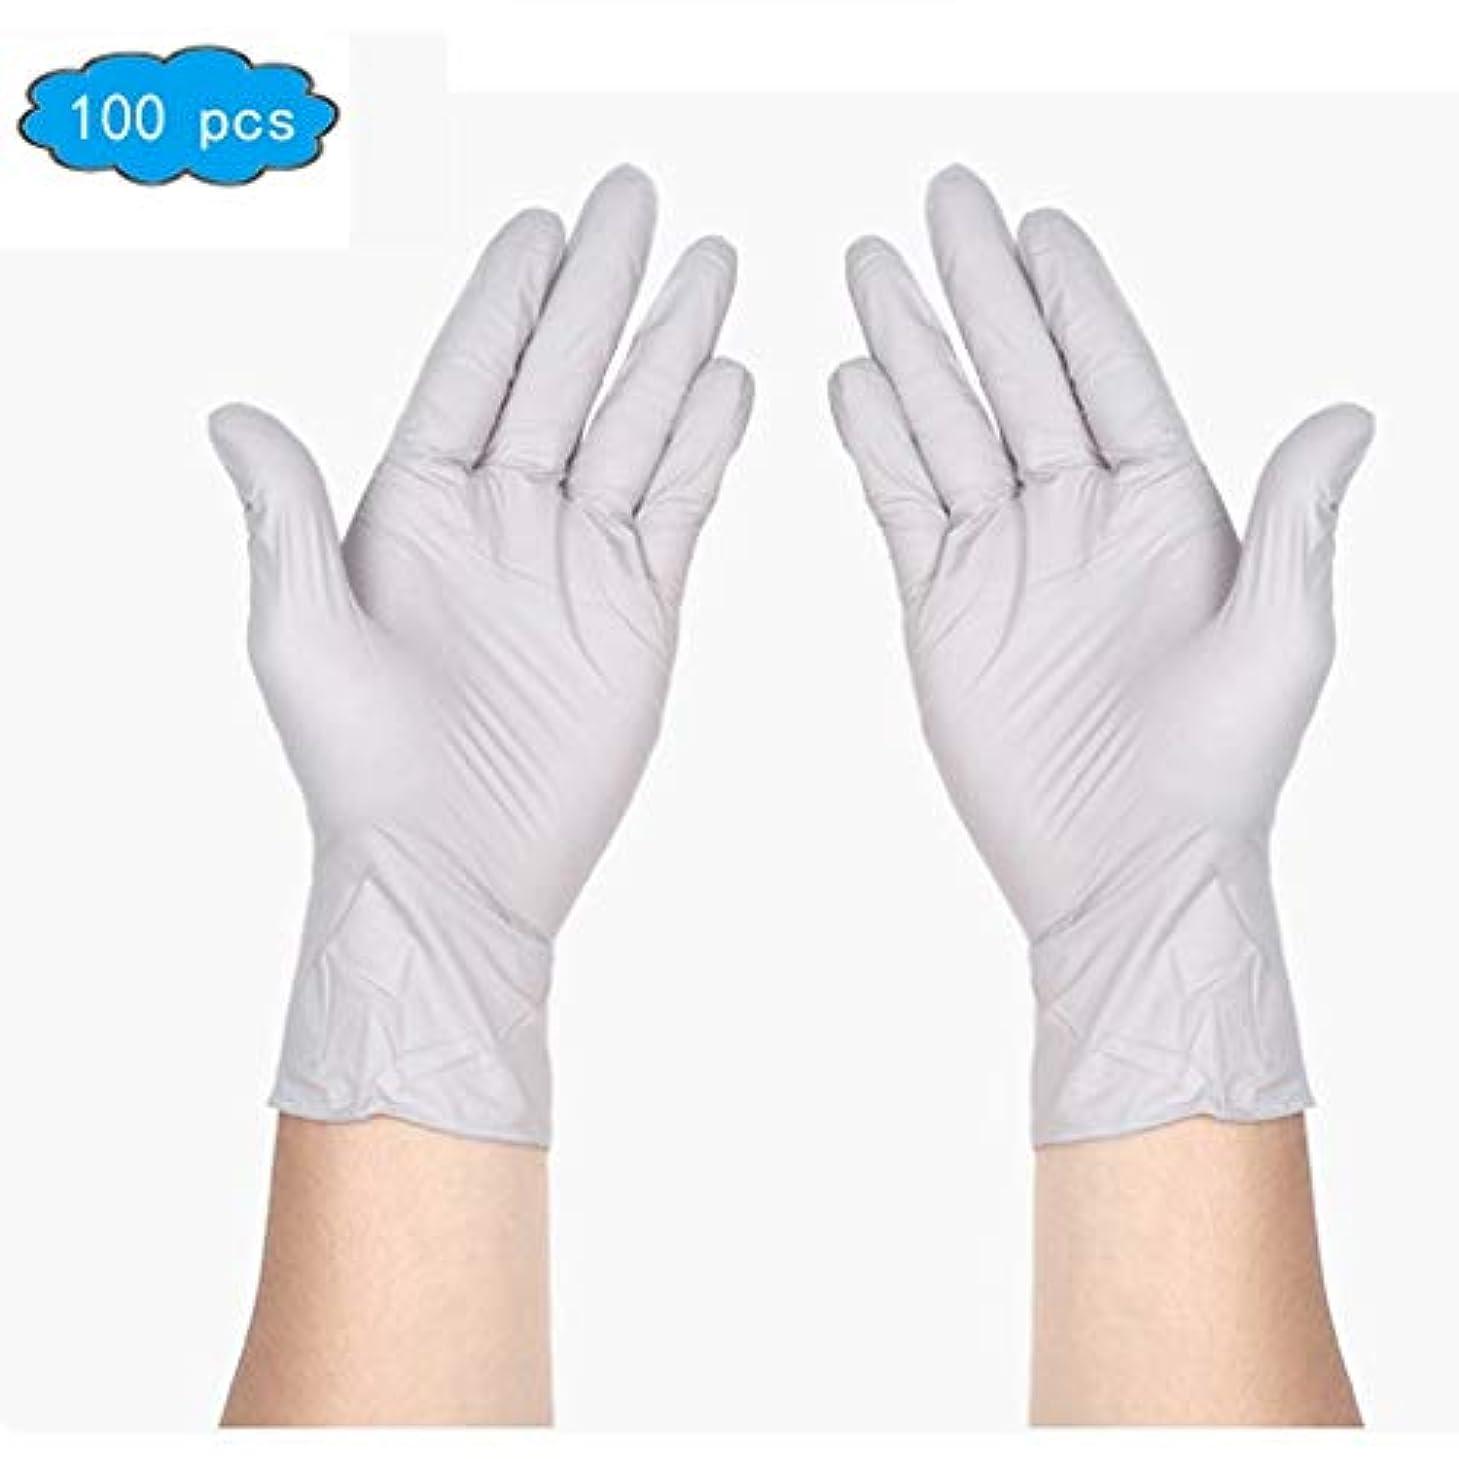 代替案酔ってあそこニトリル試験用手袋 - 医療用グレード、パウダーフリー、ラテックスラバーフリー、使い捨て、非滅菌、食品安全、テクスチャード加工、白色、2.5ミル、便利なディスペンサー、100個入り、サニタリーグローブ (Color : Gray, Size : M)